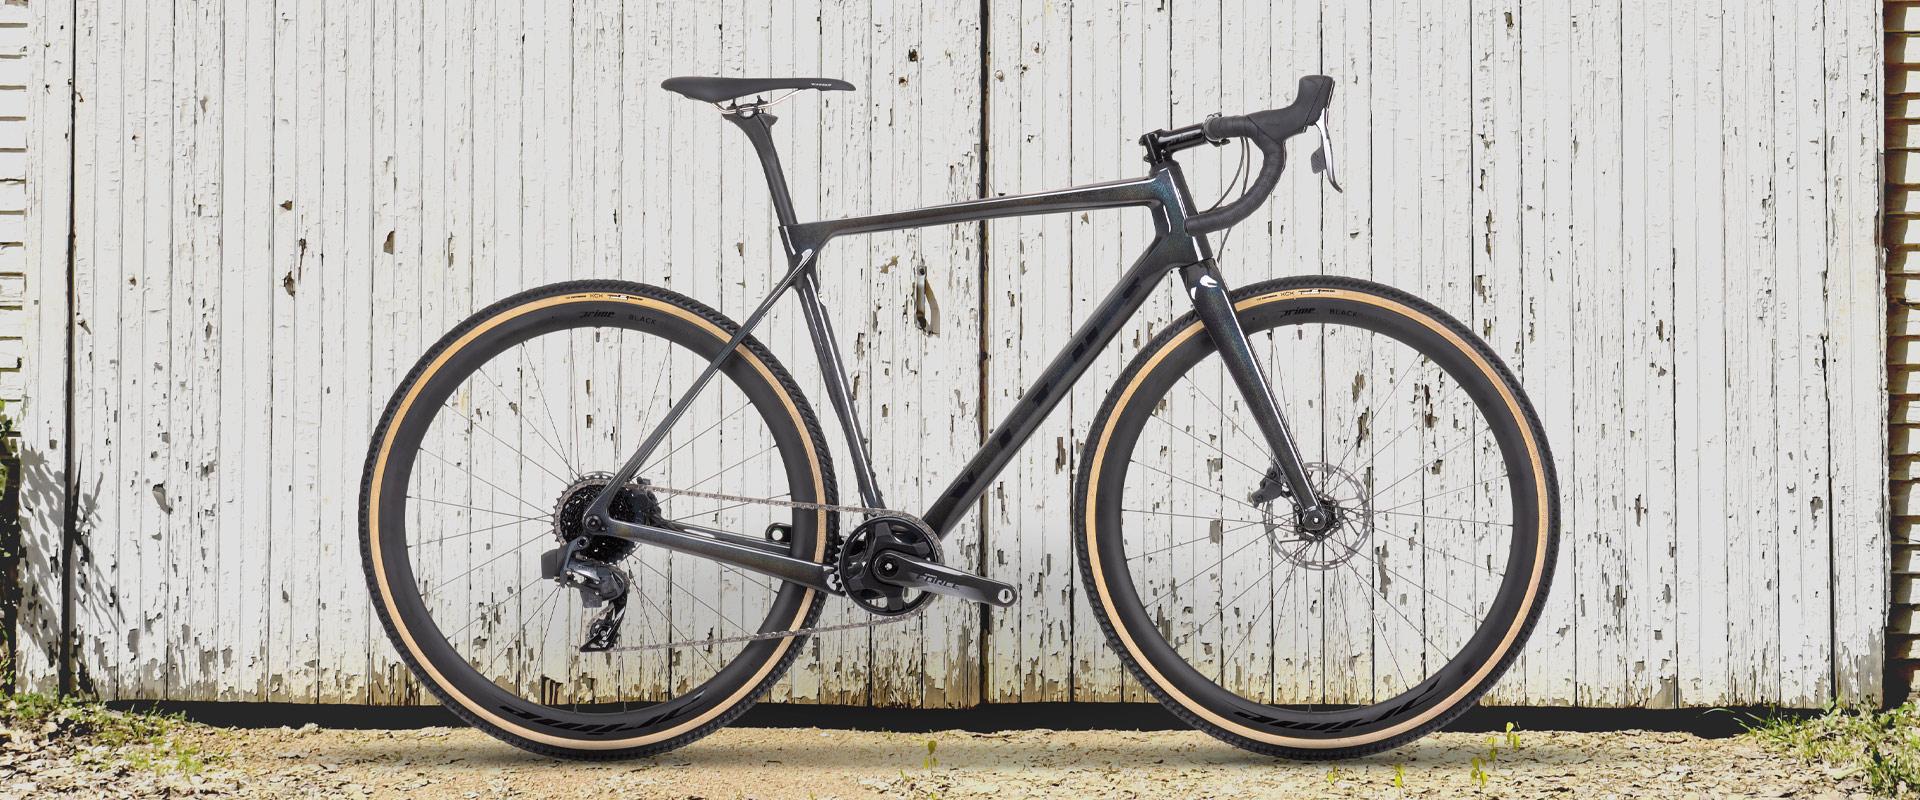 Vitus Energie EVO CRS eTap AXS Cyclocross Bike